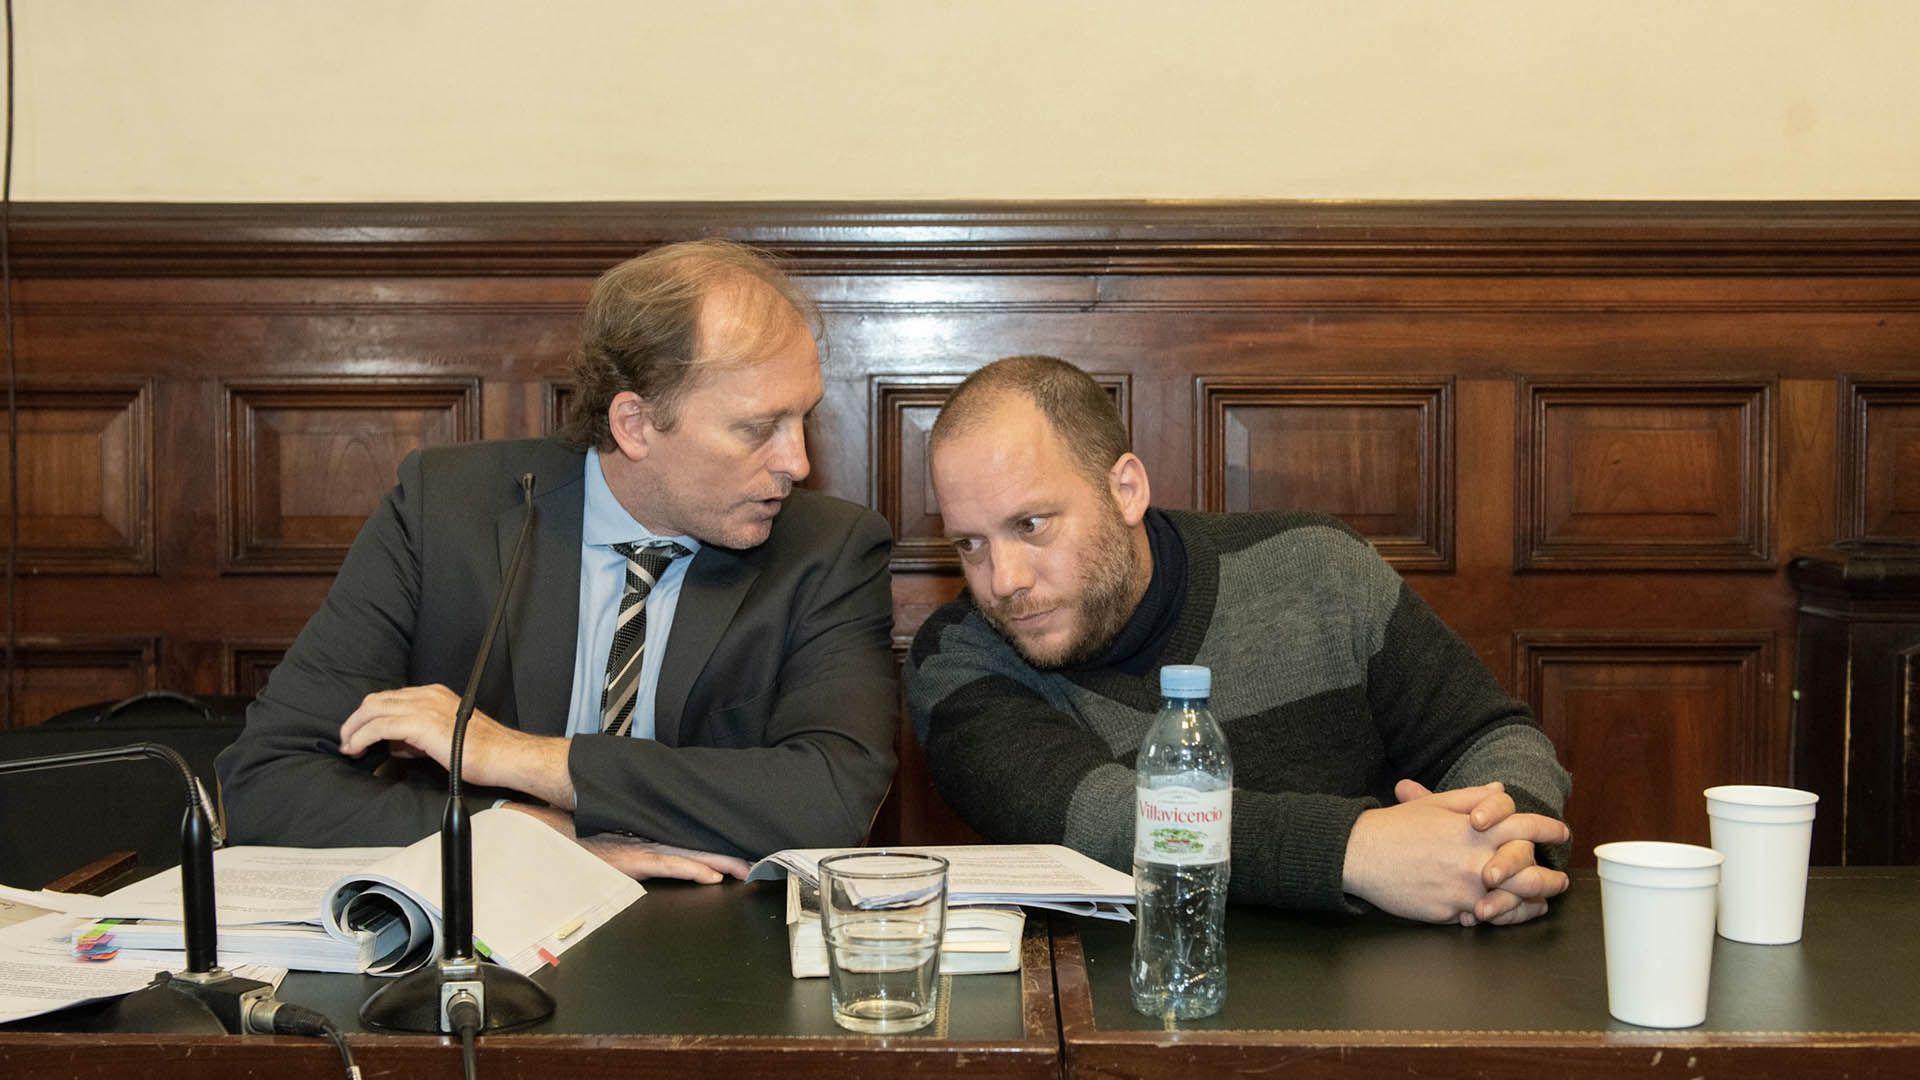 Lucas Carrasco y su abogado, este miércoles en tribunales (Fotos: Adrián Escándar)